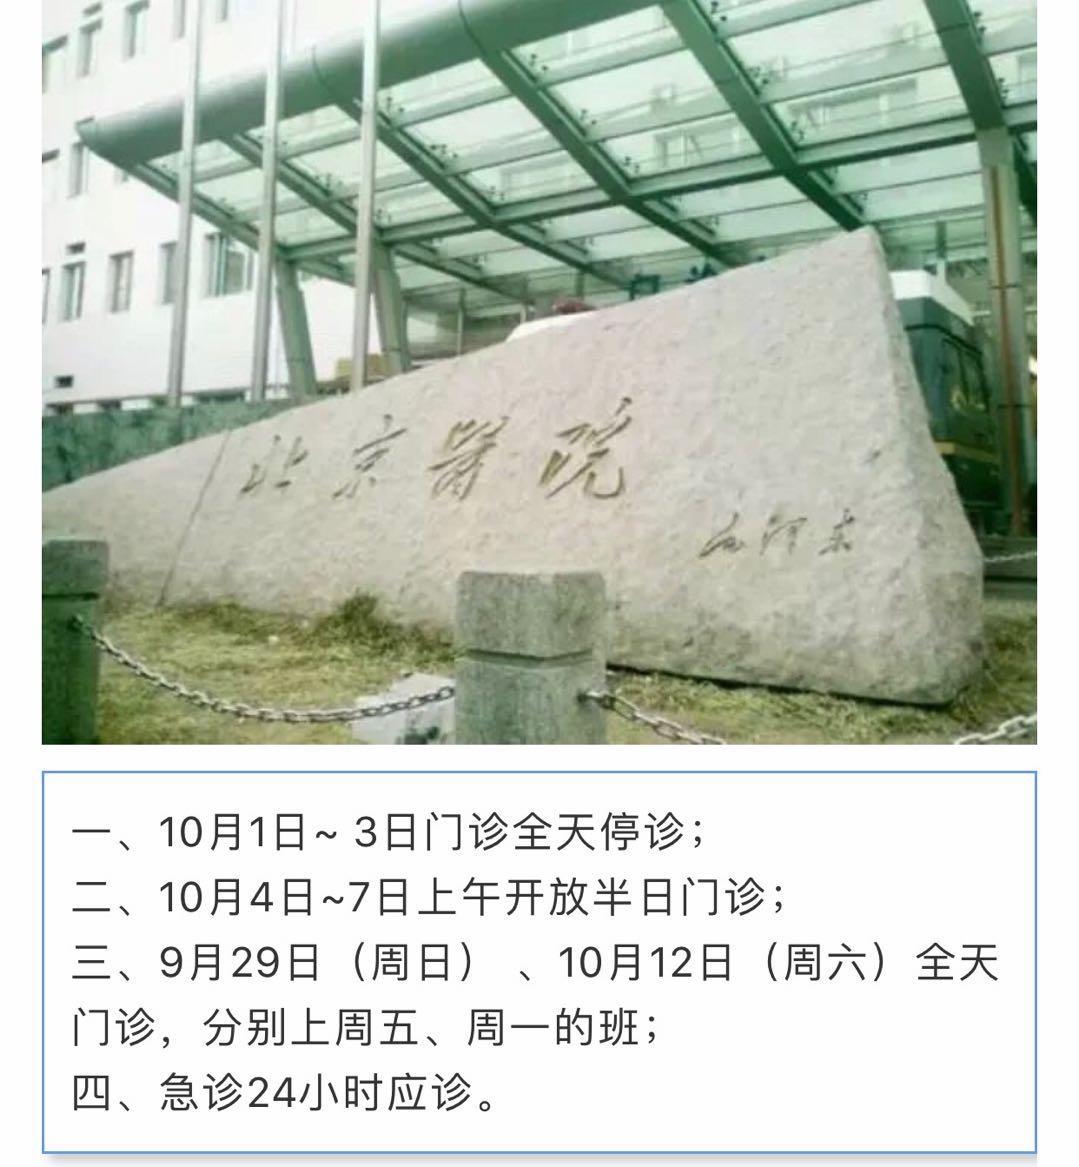 北京部分大医院十一门诊安排 赶紧收藏!